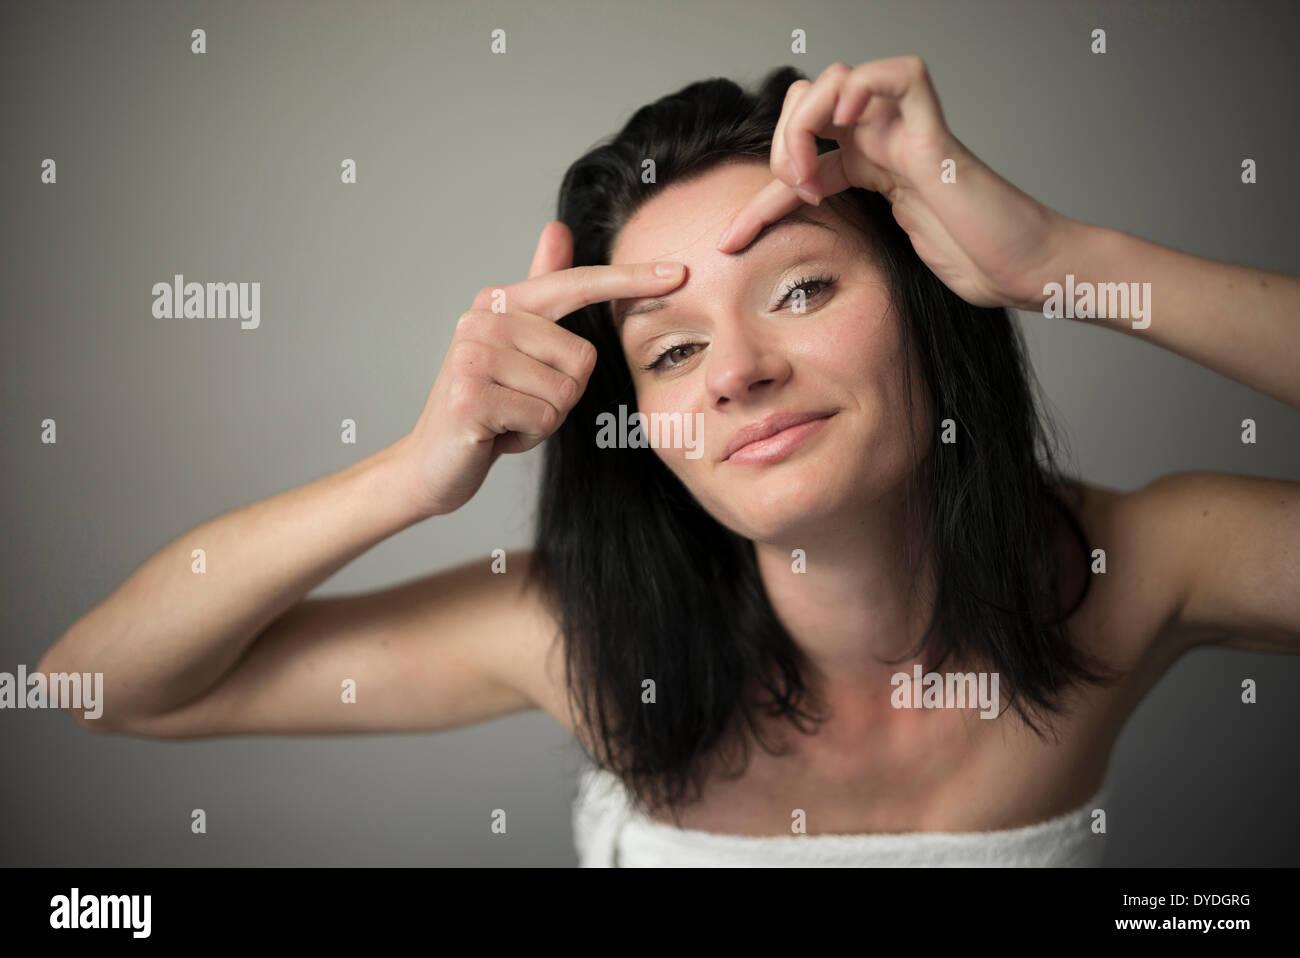 Una hermosa chica descarada exprimiendo su frente. Imagen De Stock